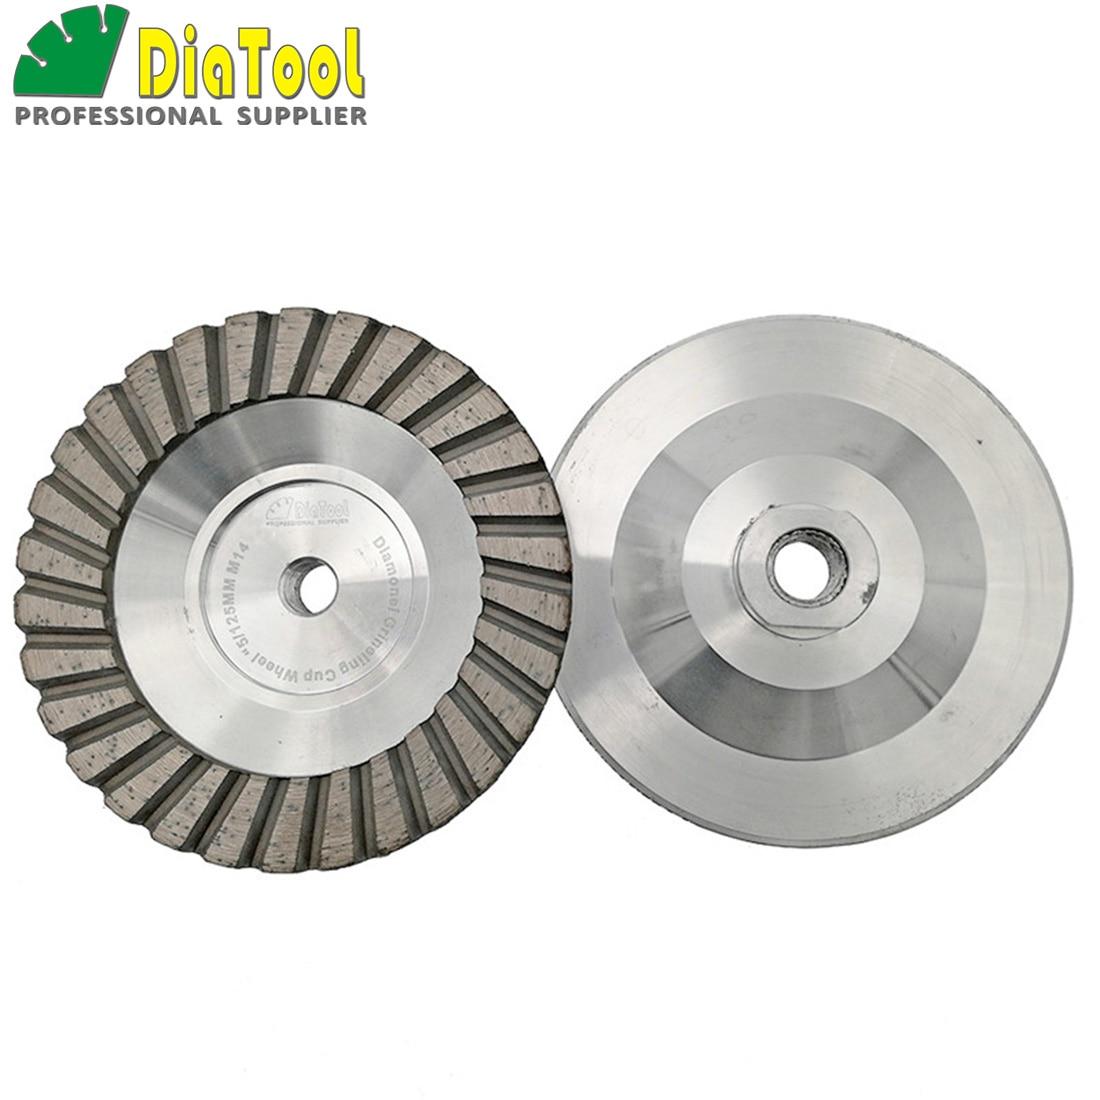 Polegada à Base de Alumínio de Moagem de Diamante Roda para o Granito Diatool 5 Roda Copo Fio M14 Grit 30 Moagem Concreto 2pk Dia 125mm –